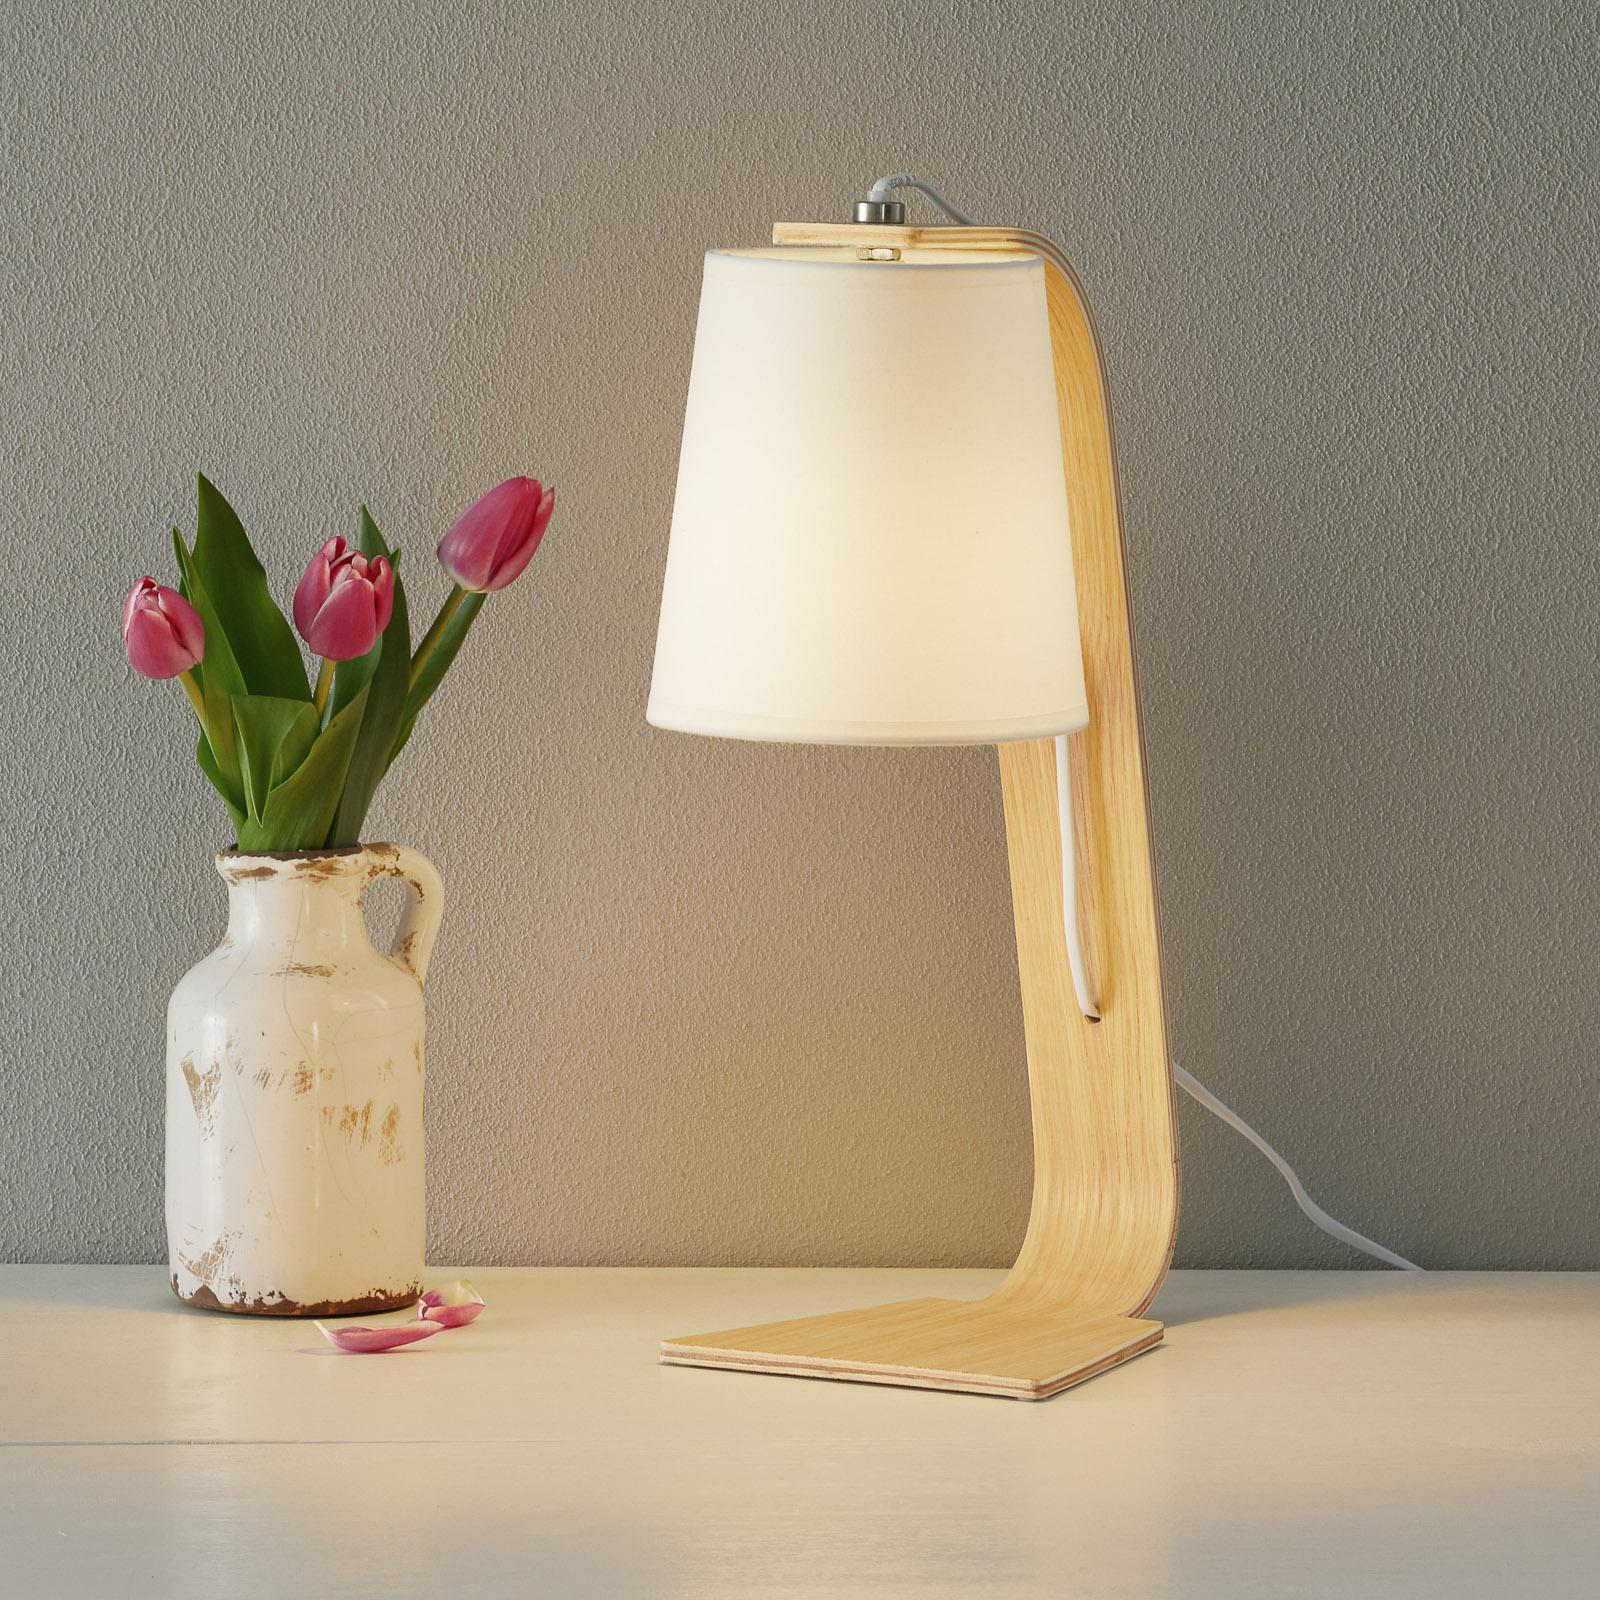 Lampada da tavolo in legno Nordic, tessuto bianco